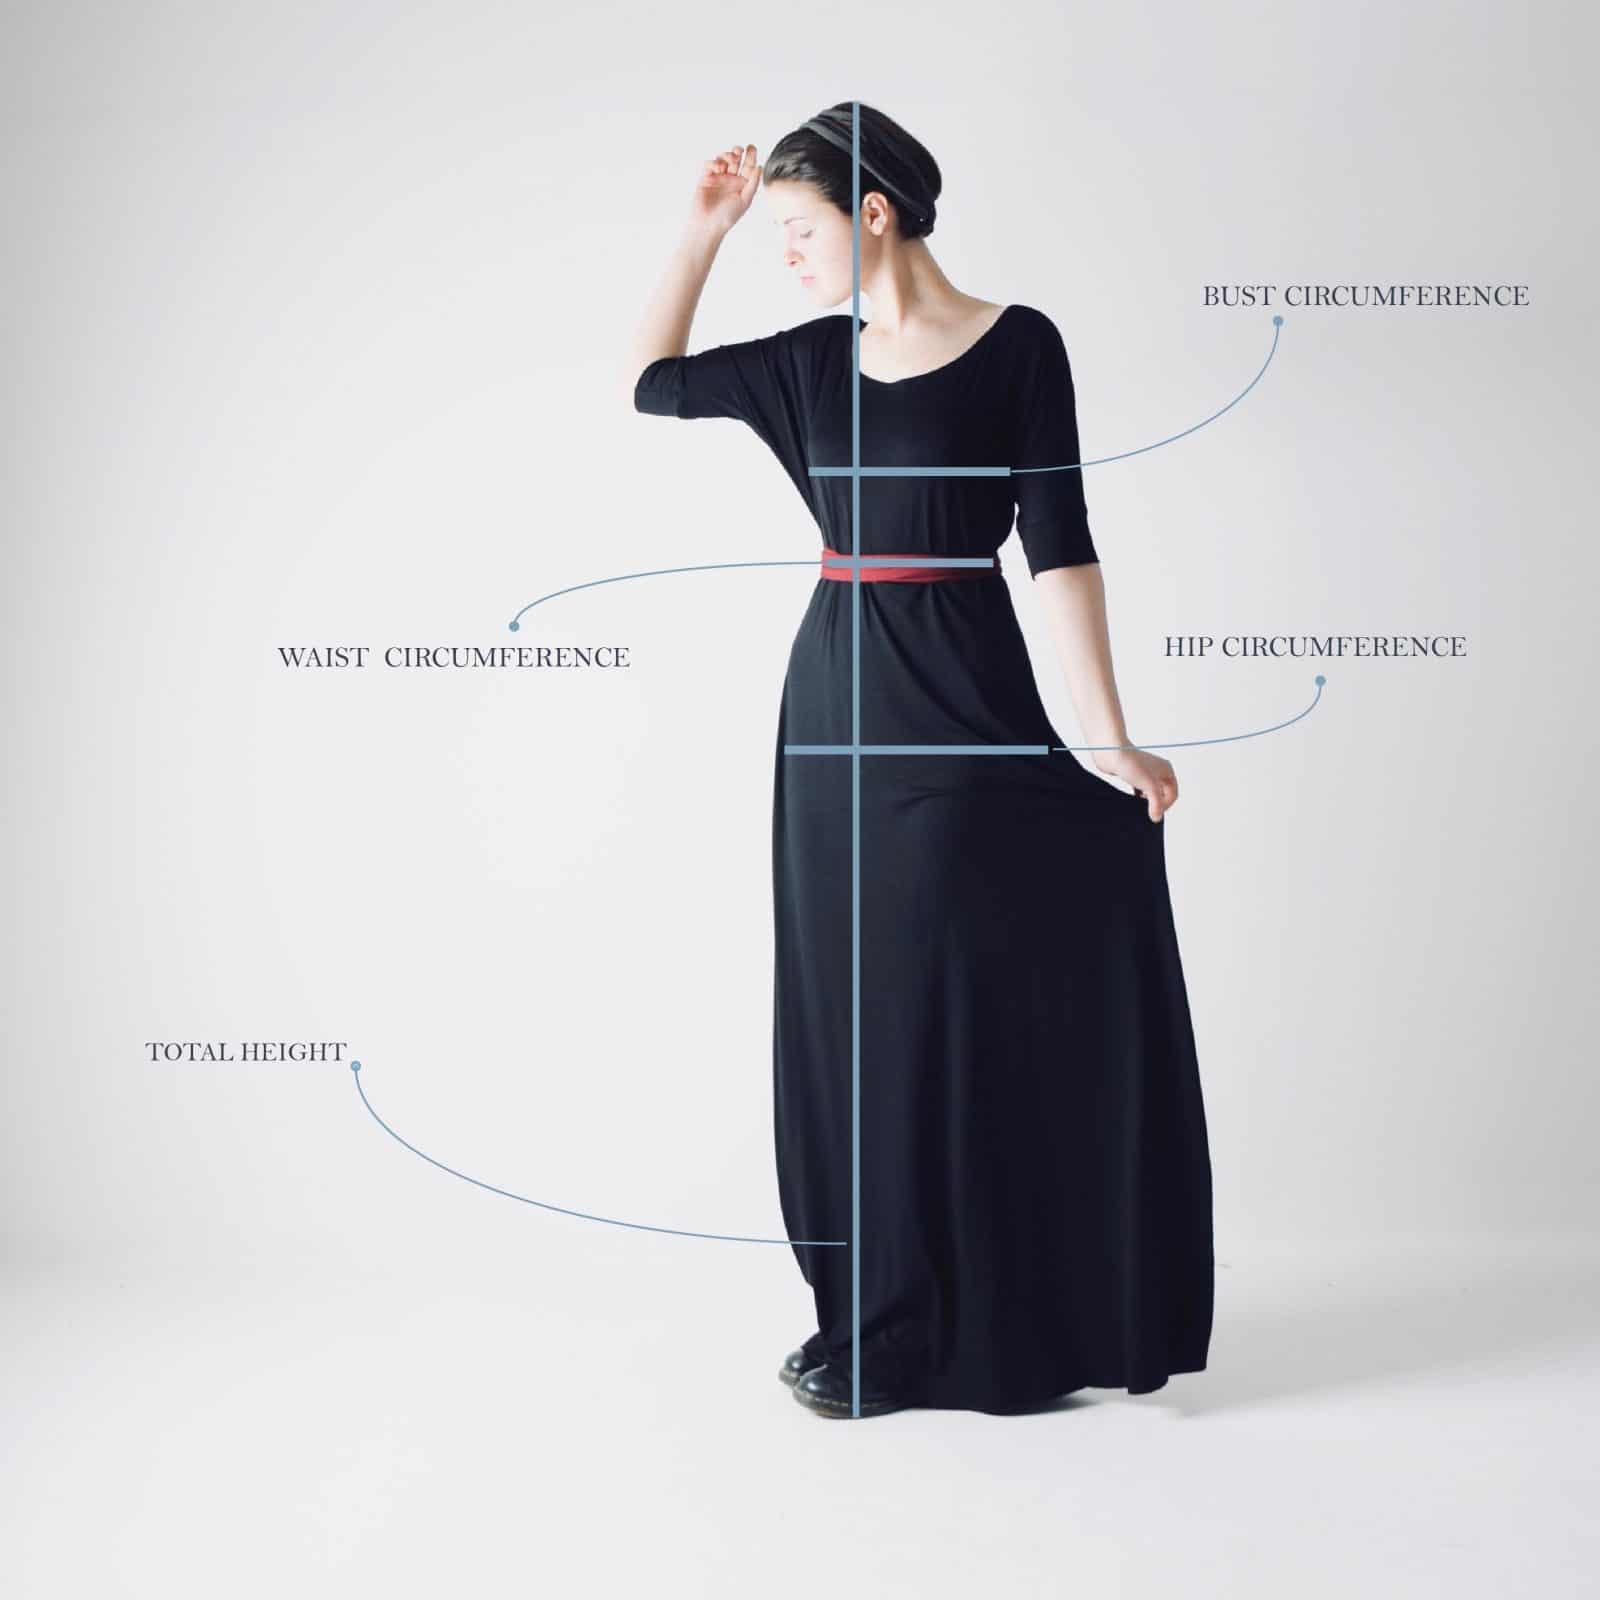 Bust-waist-hips-chart